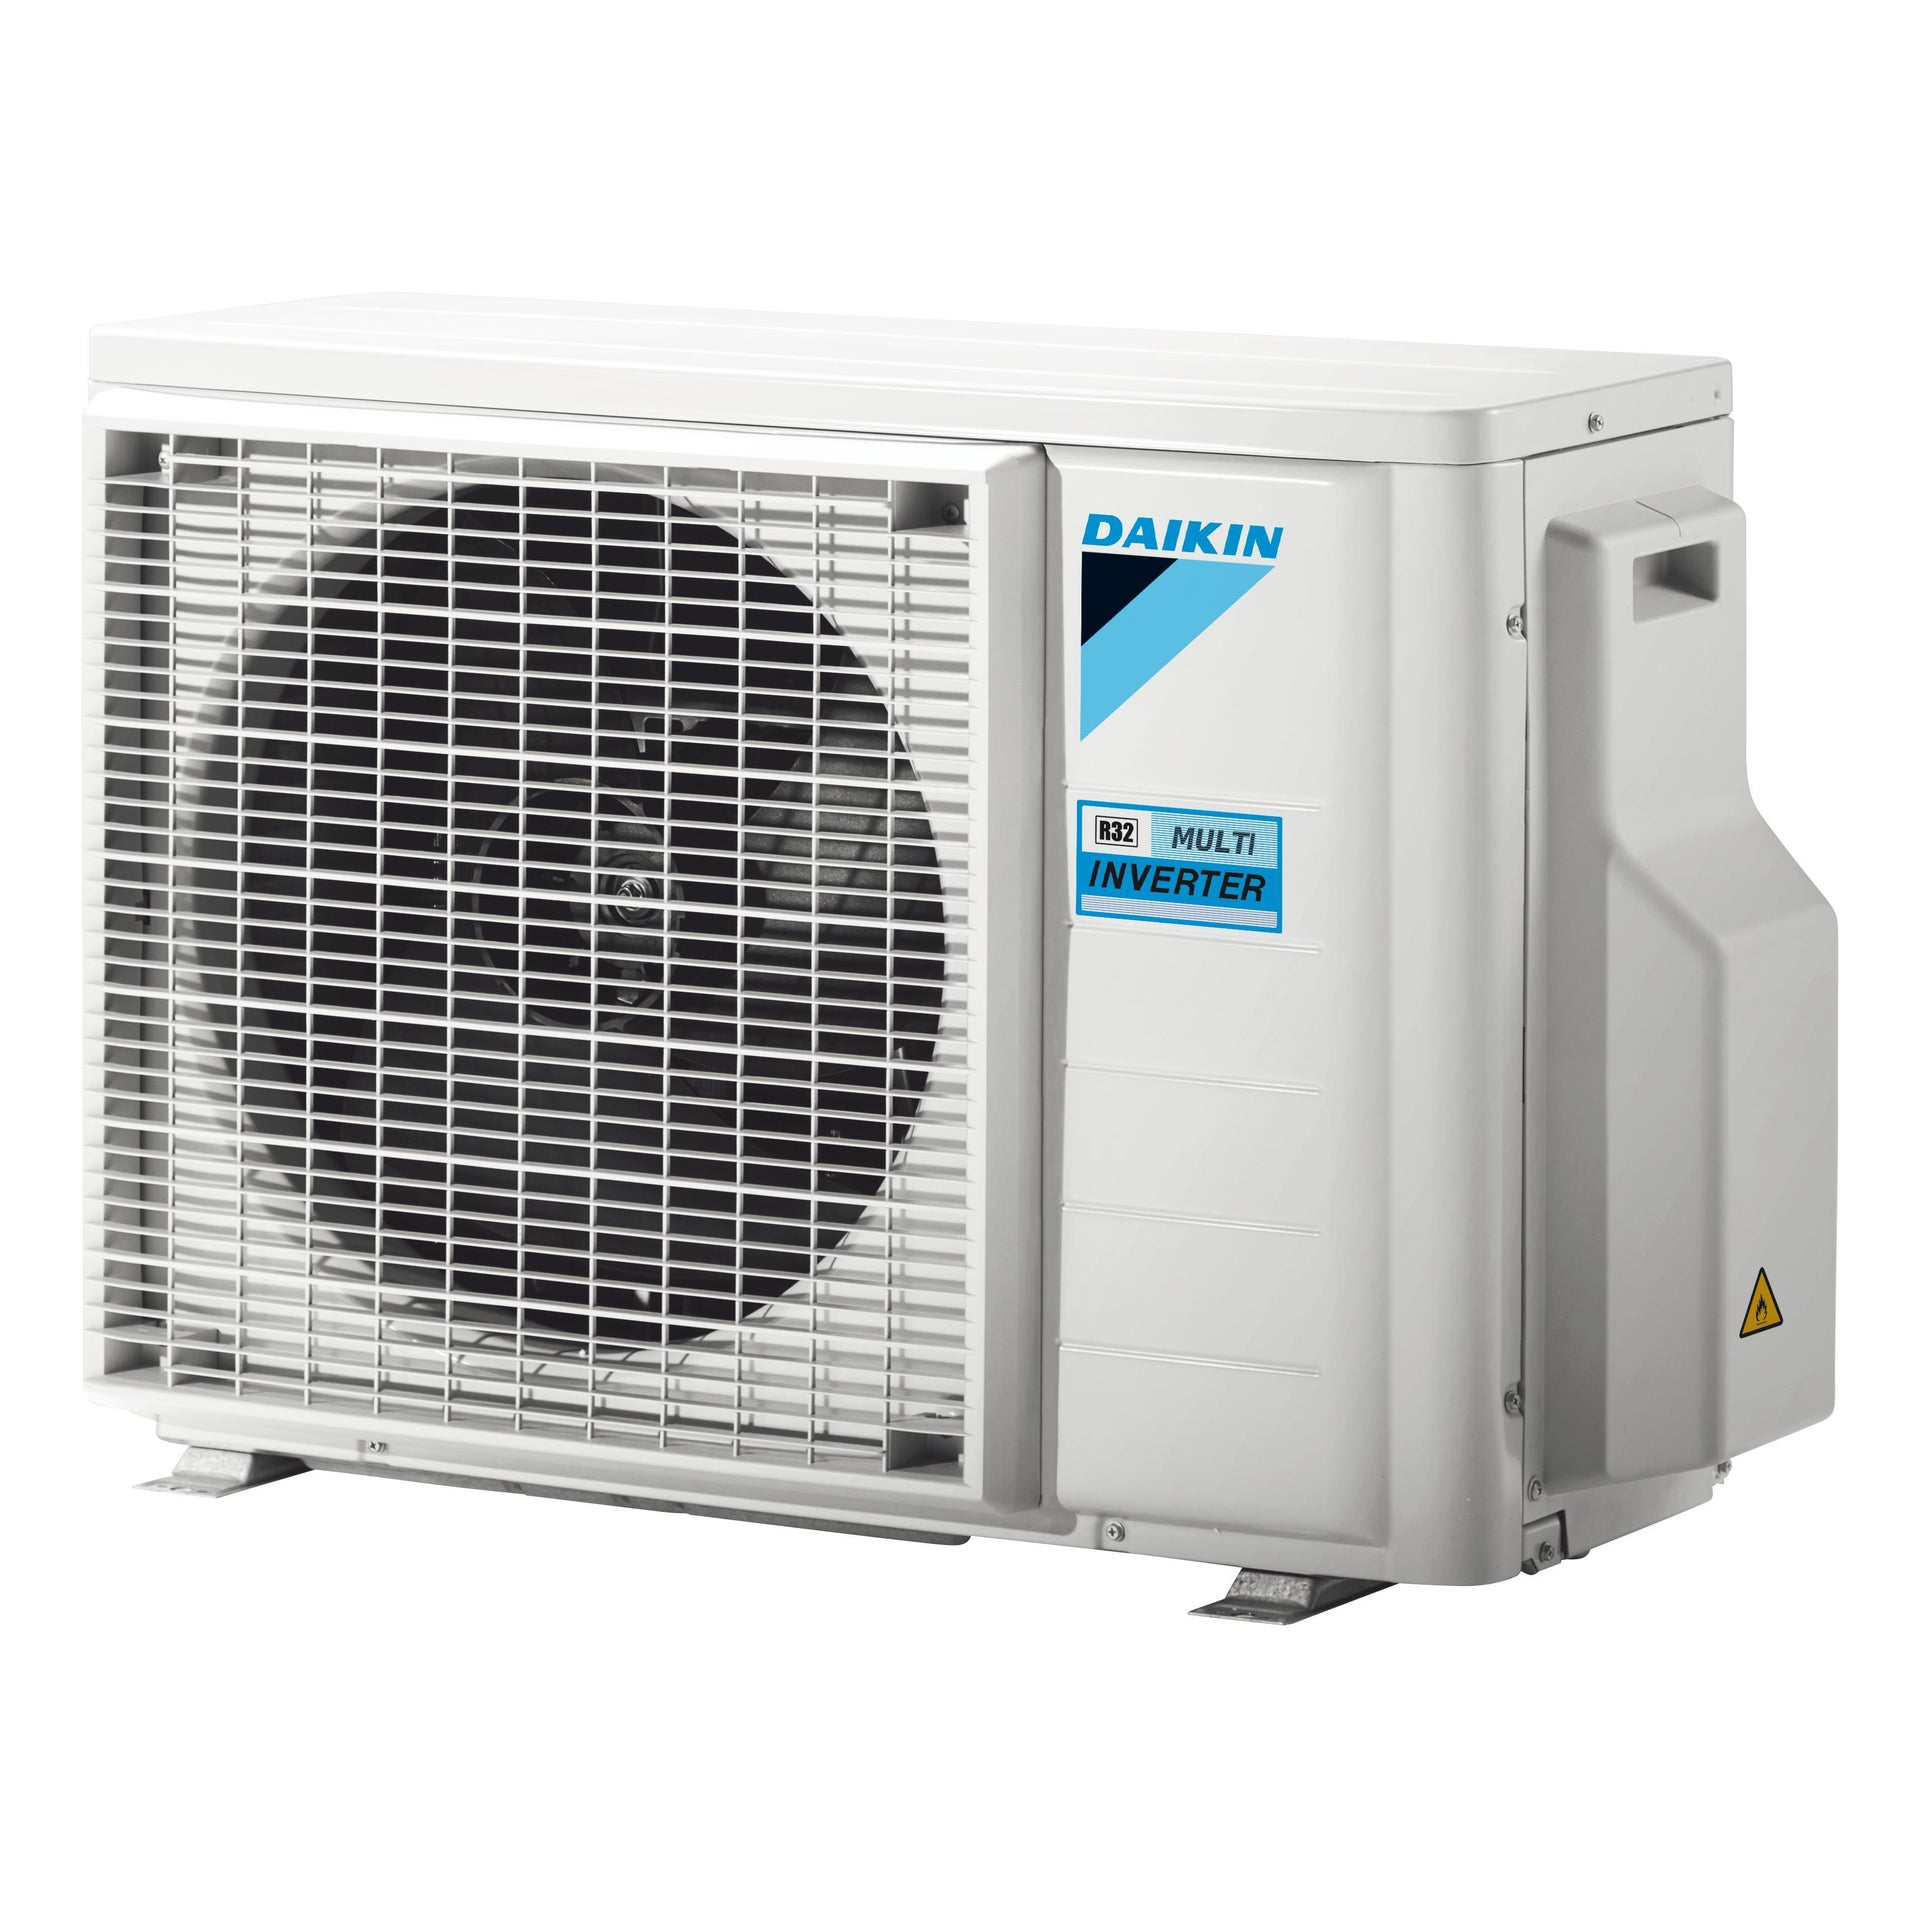 Climatizzatore dualsplit DAIKIN Emura 12000 BTU classe A+++ - 3